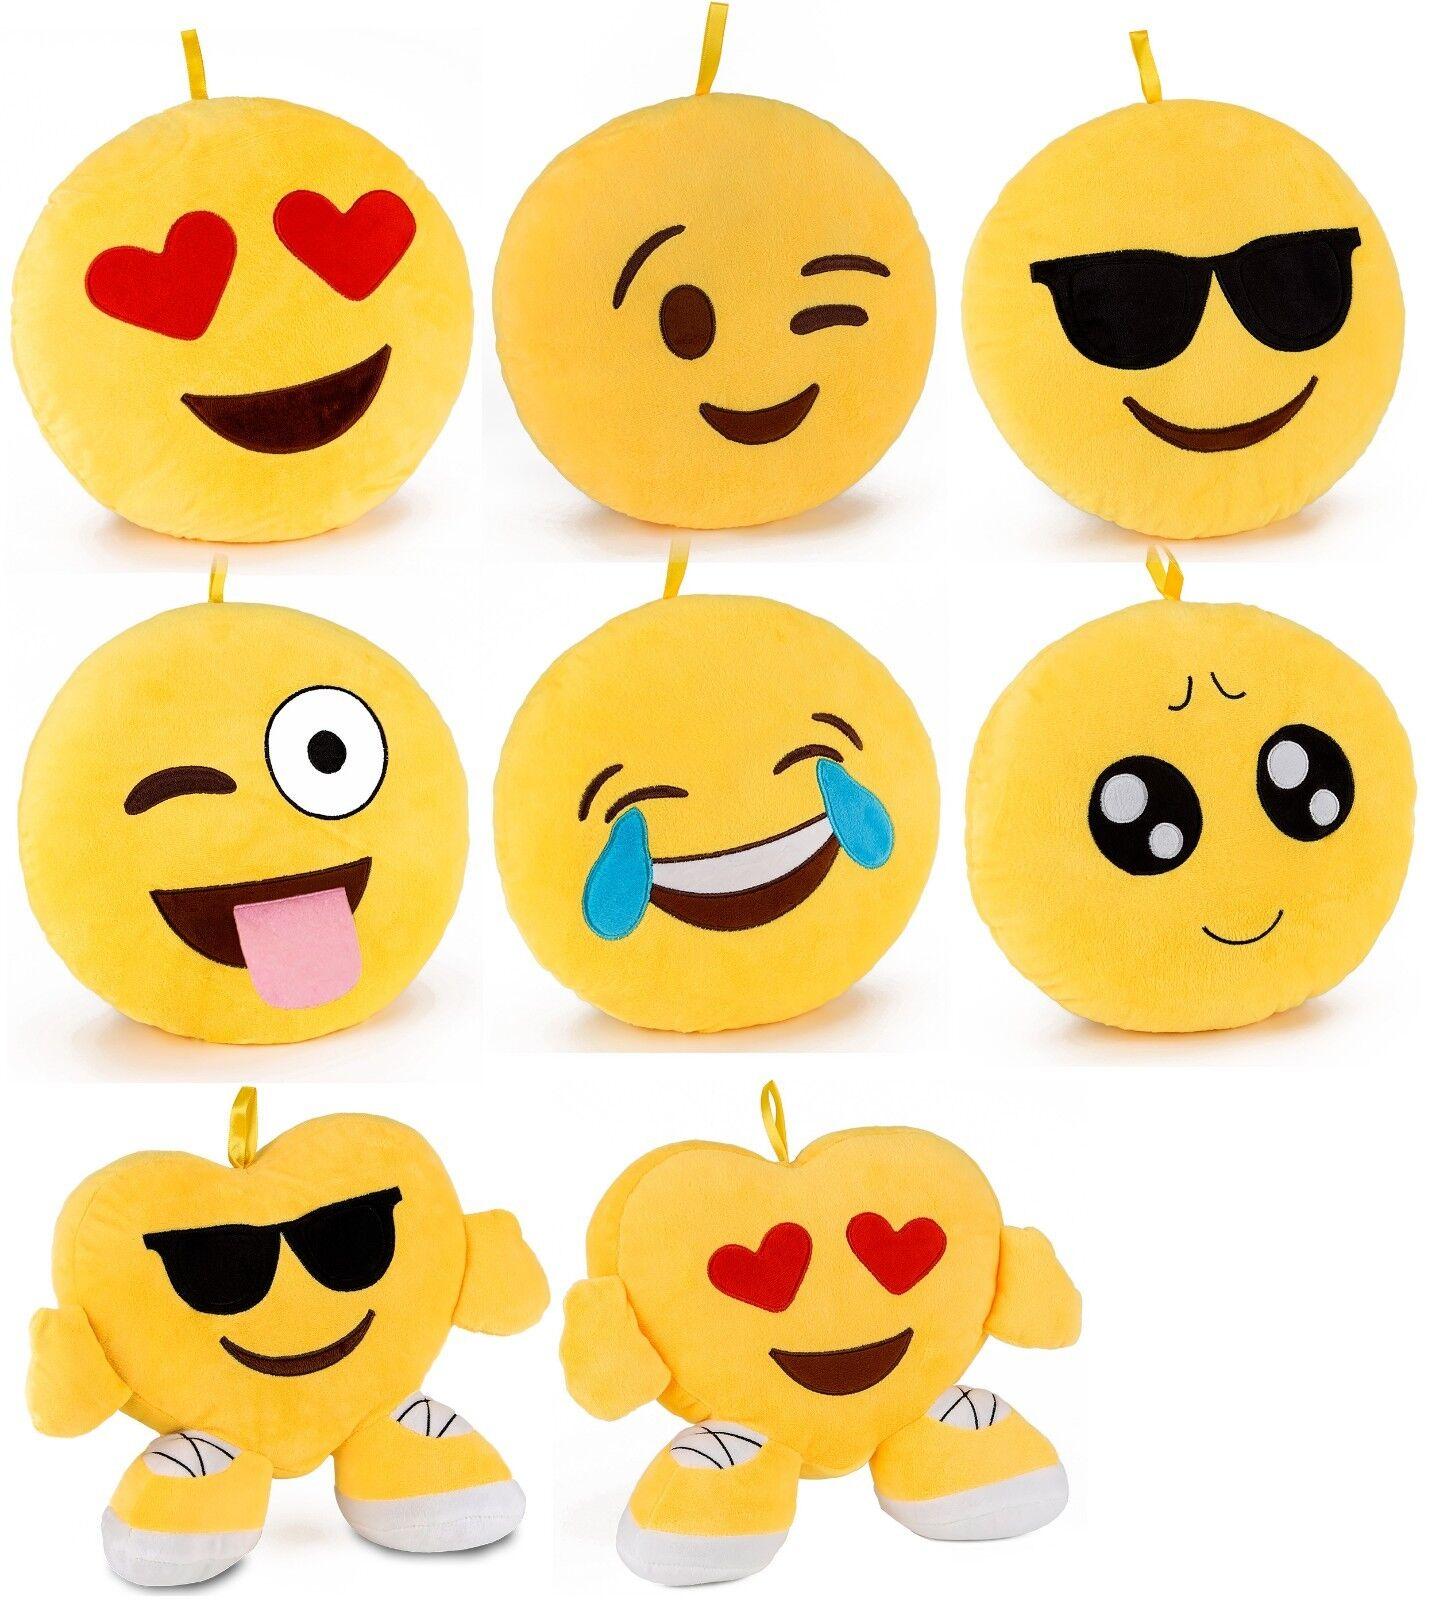 BRUBAKER Plüsch Kissen Smiley Emoji  30cm Dekokissen Emoticon Rund o. Herzkissen